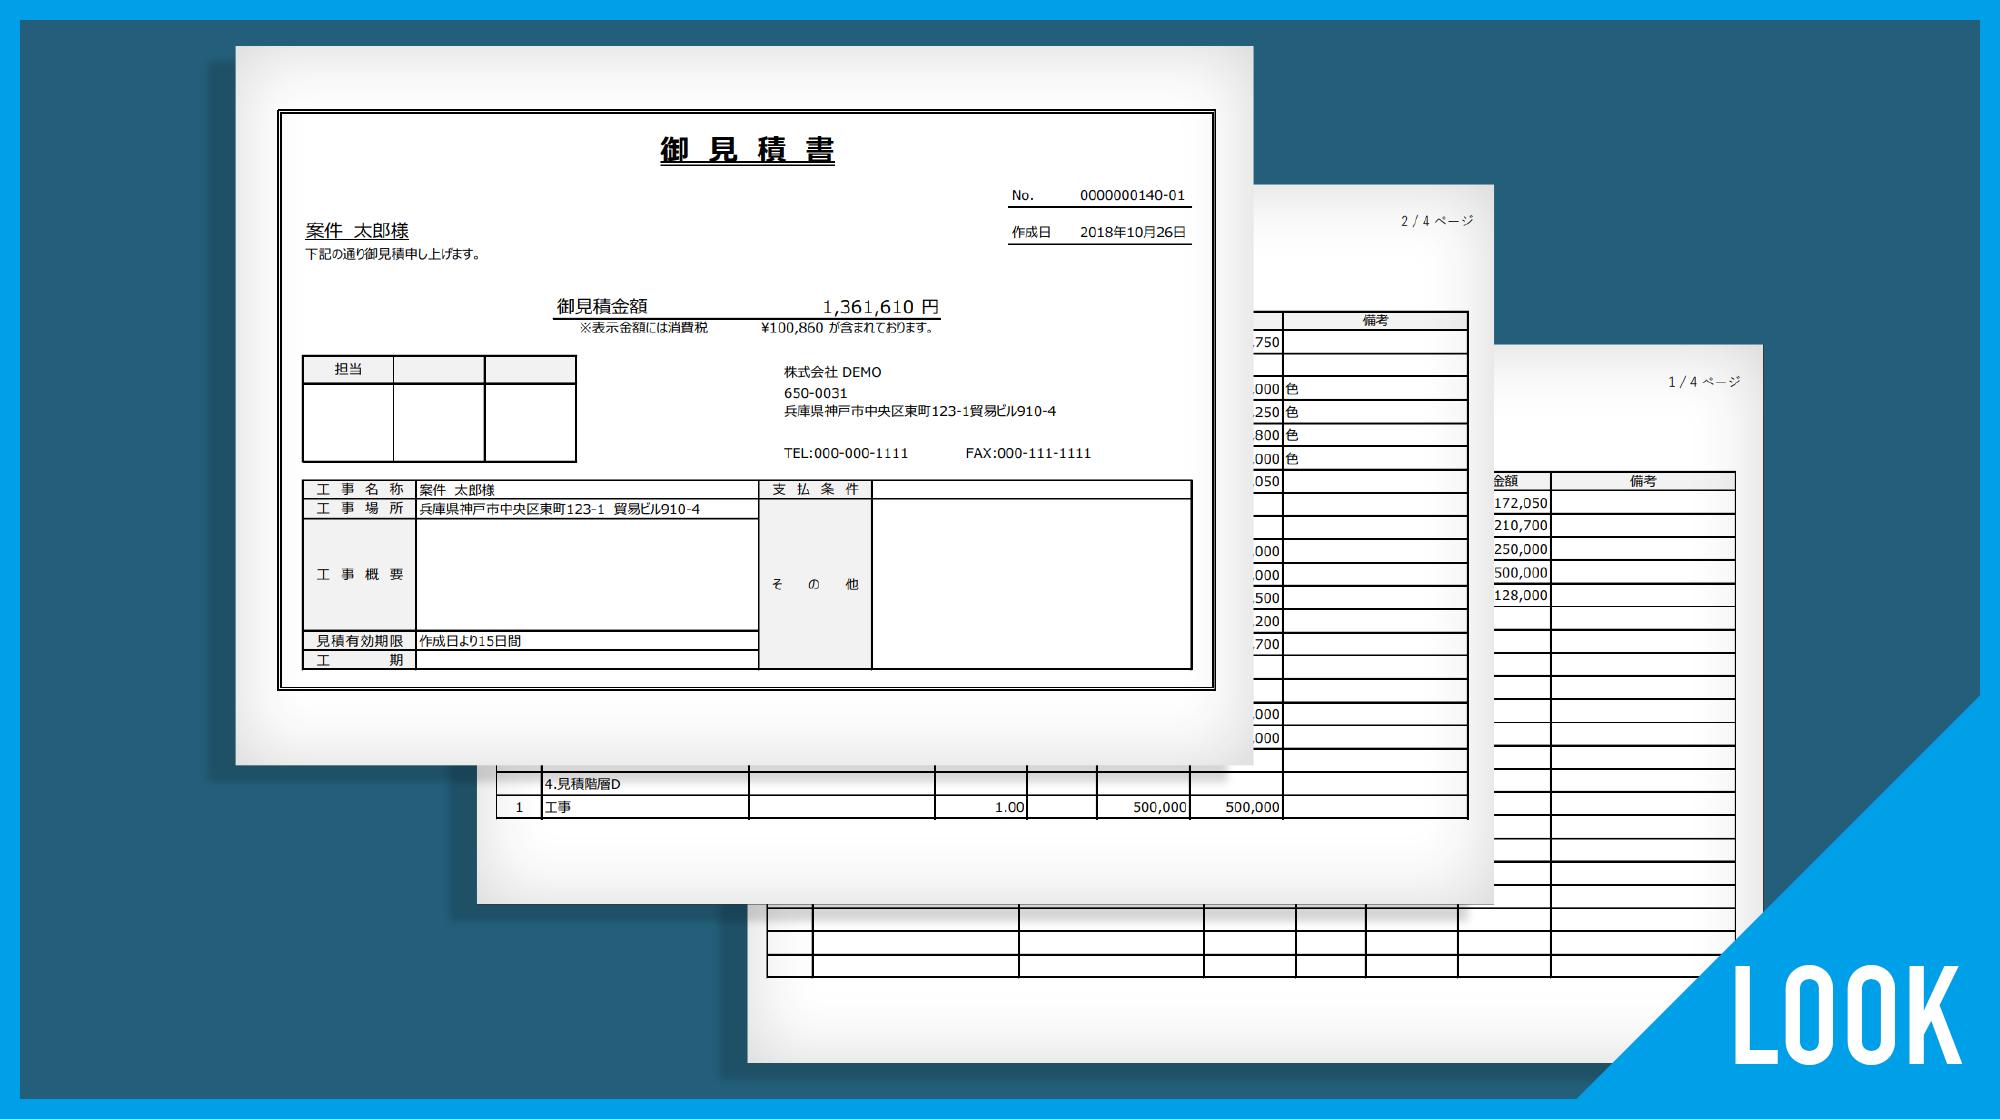 建築 リフォーム 工務店 見積 積算 システム クラウド